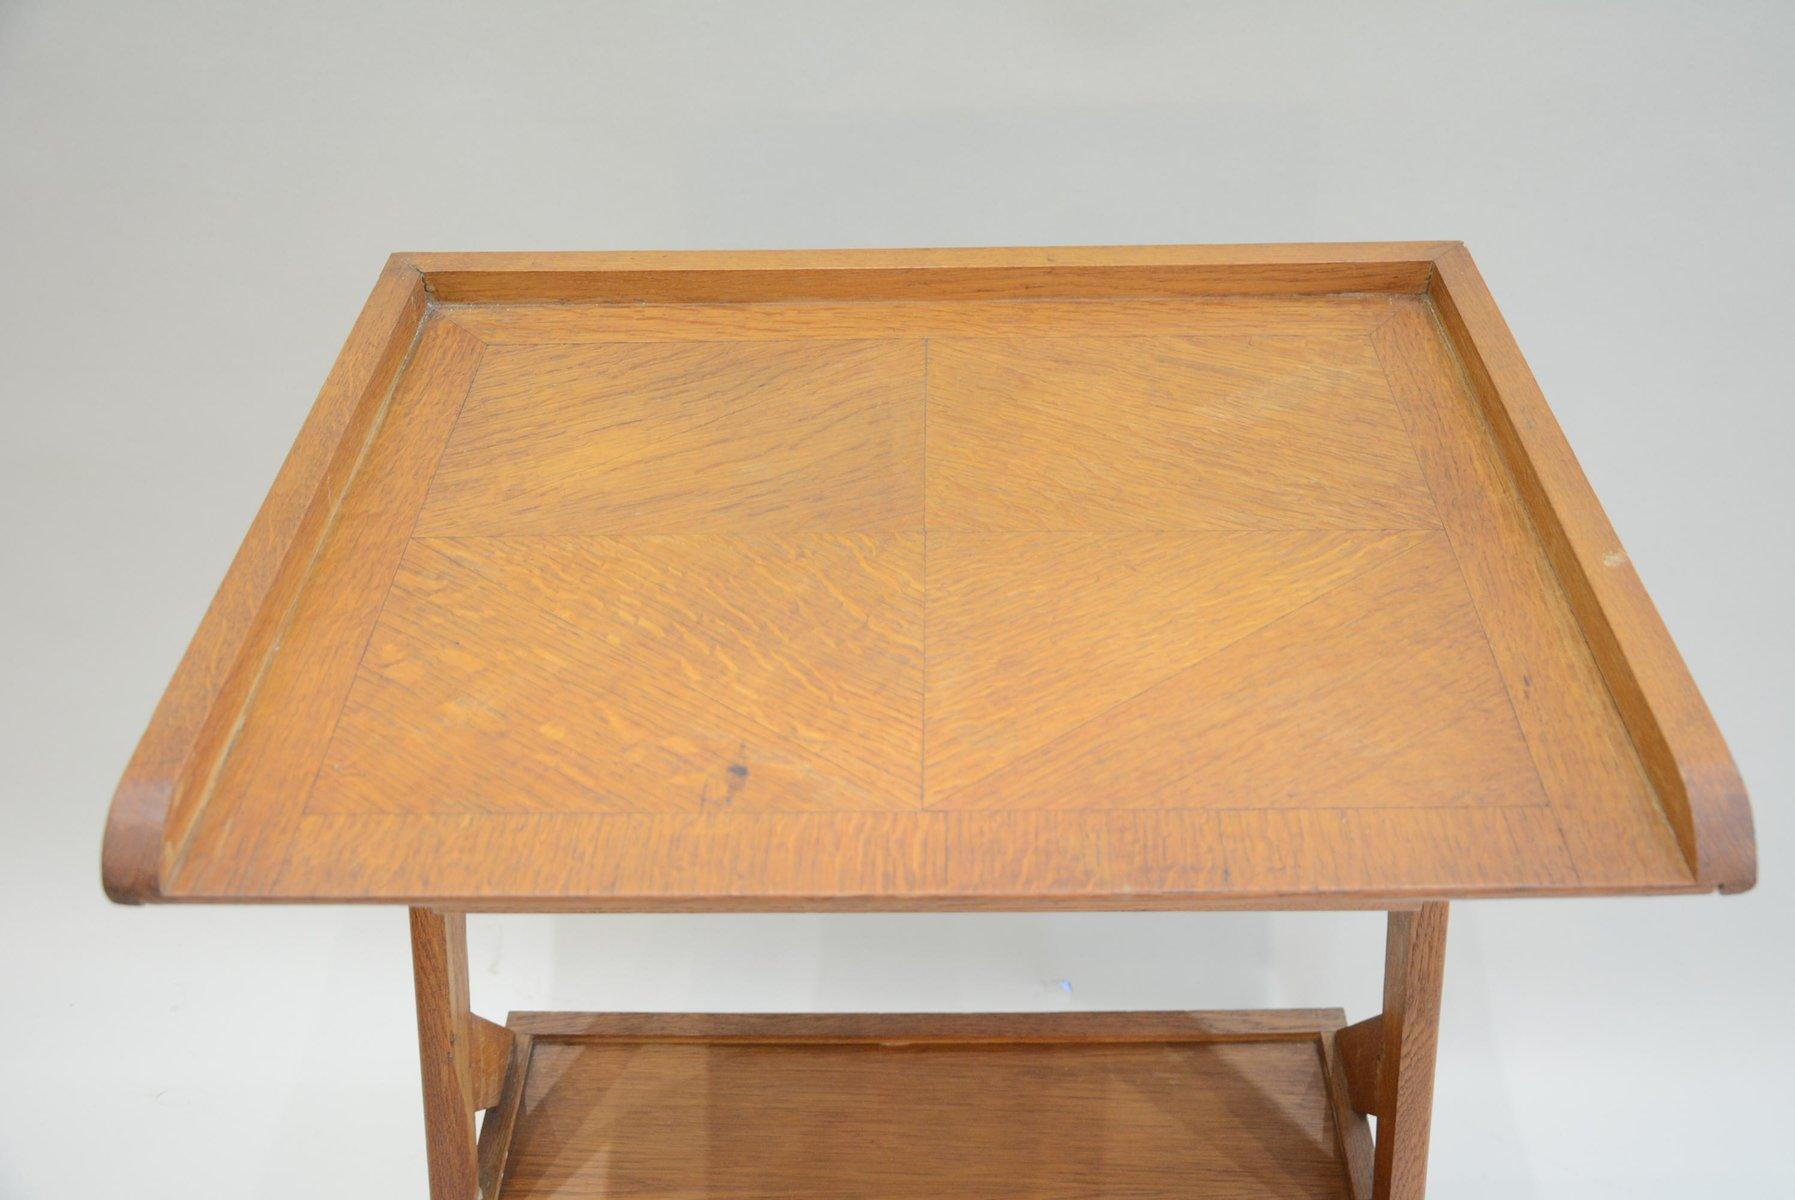 Table d appoint de bureau 1950s en vente sur pamono for Bureau d appoint